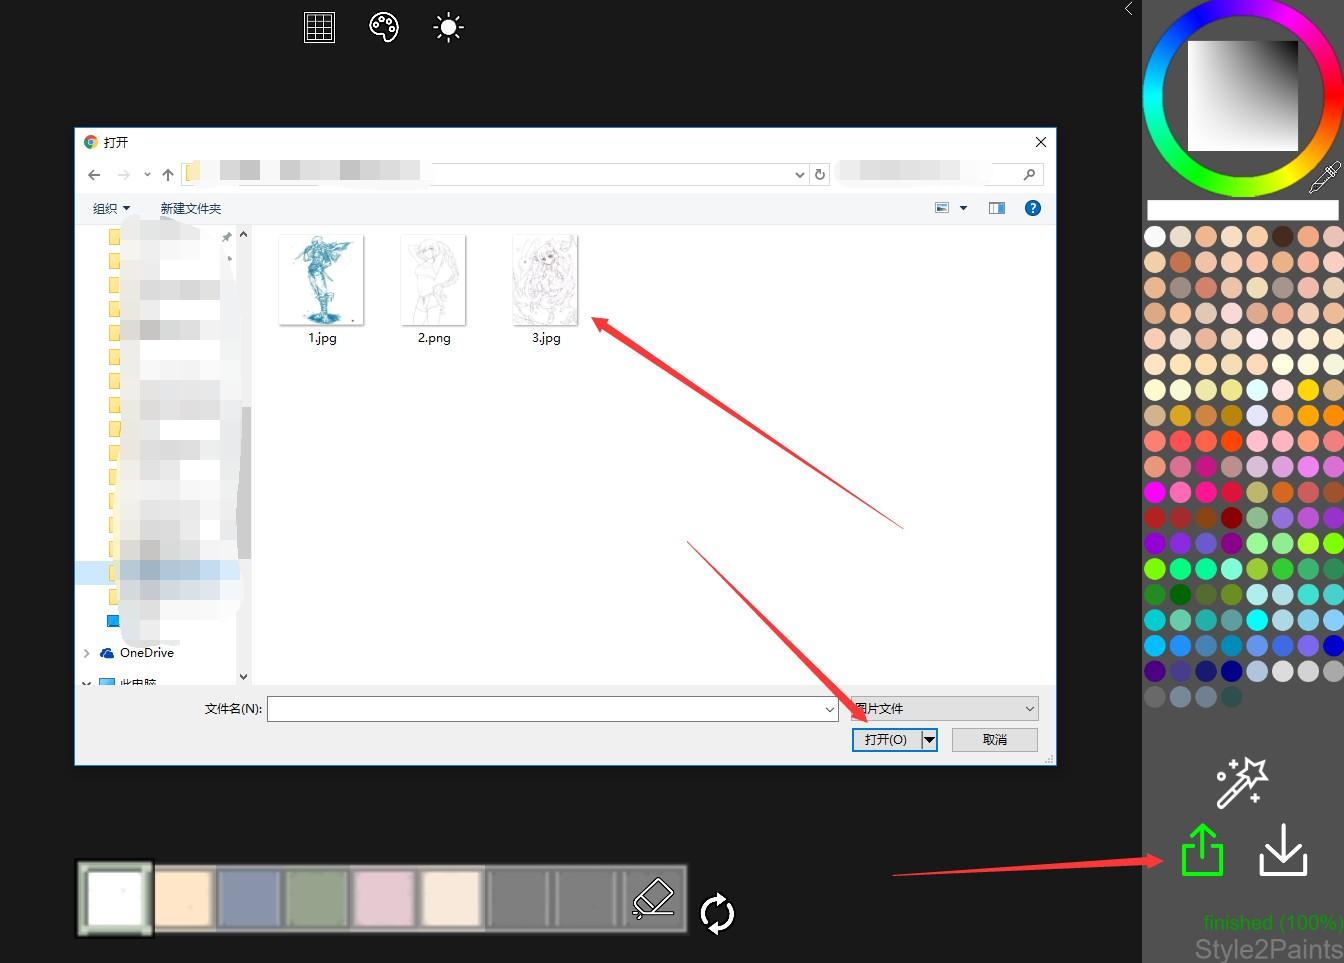 Style2paints Website tự động tô màu cho hình vẽ bằng AI 7